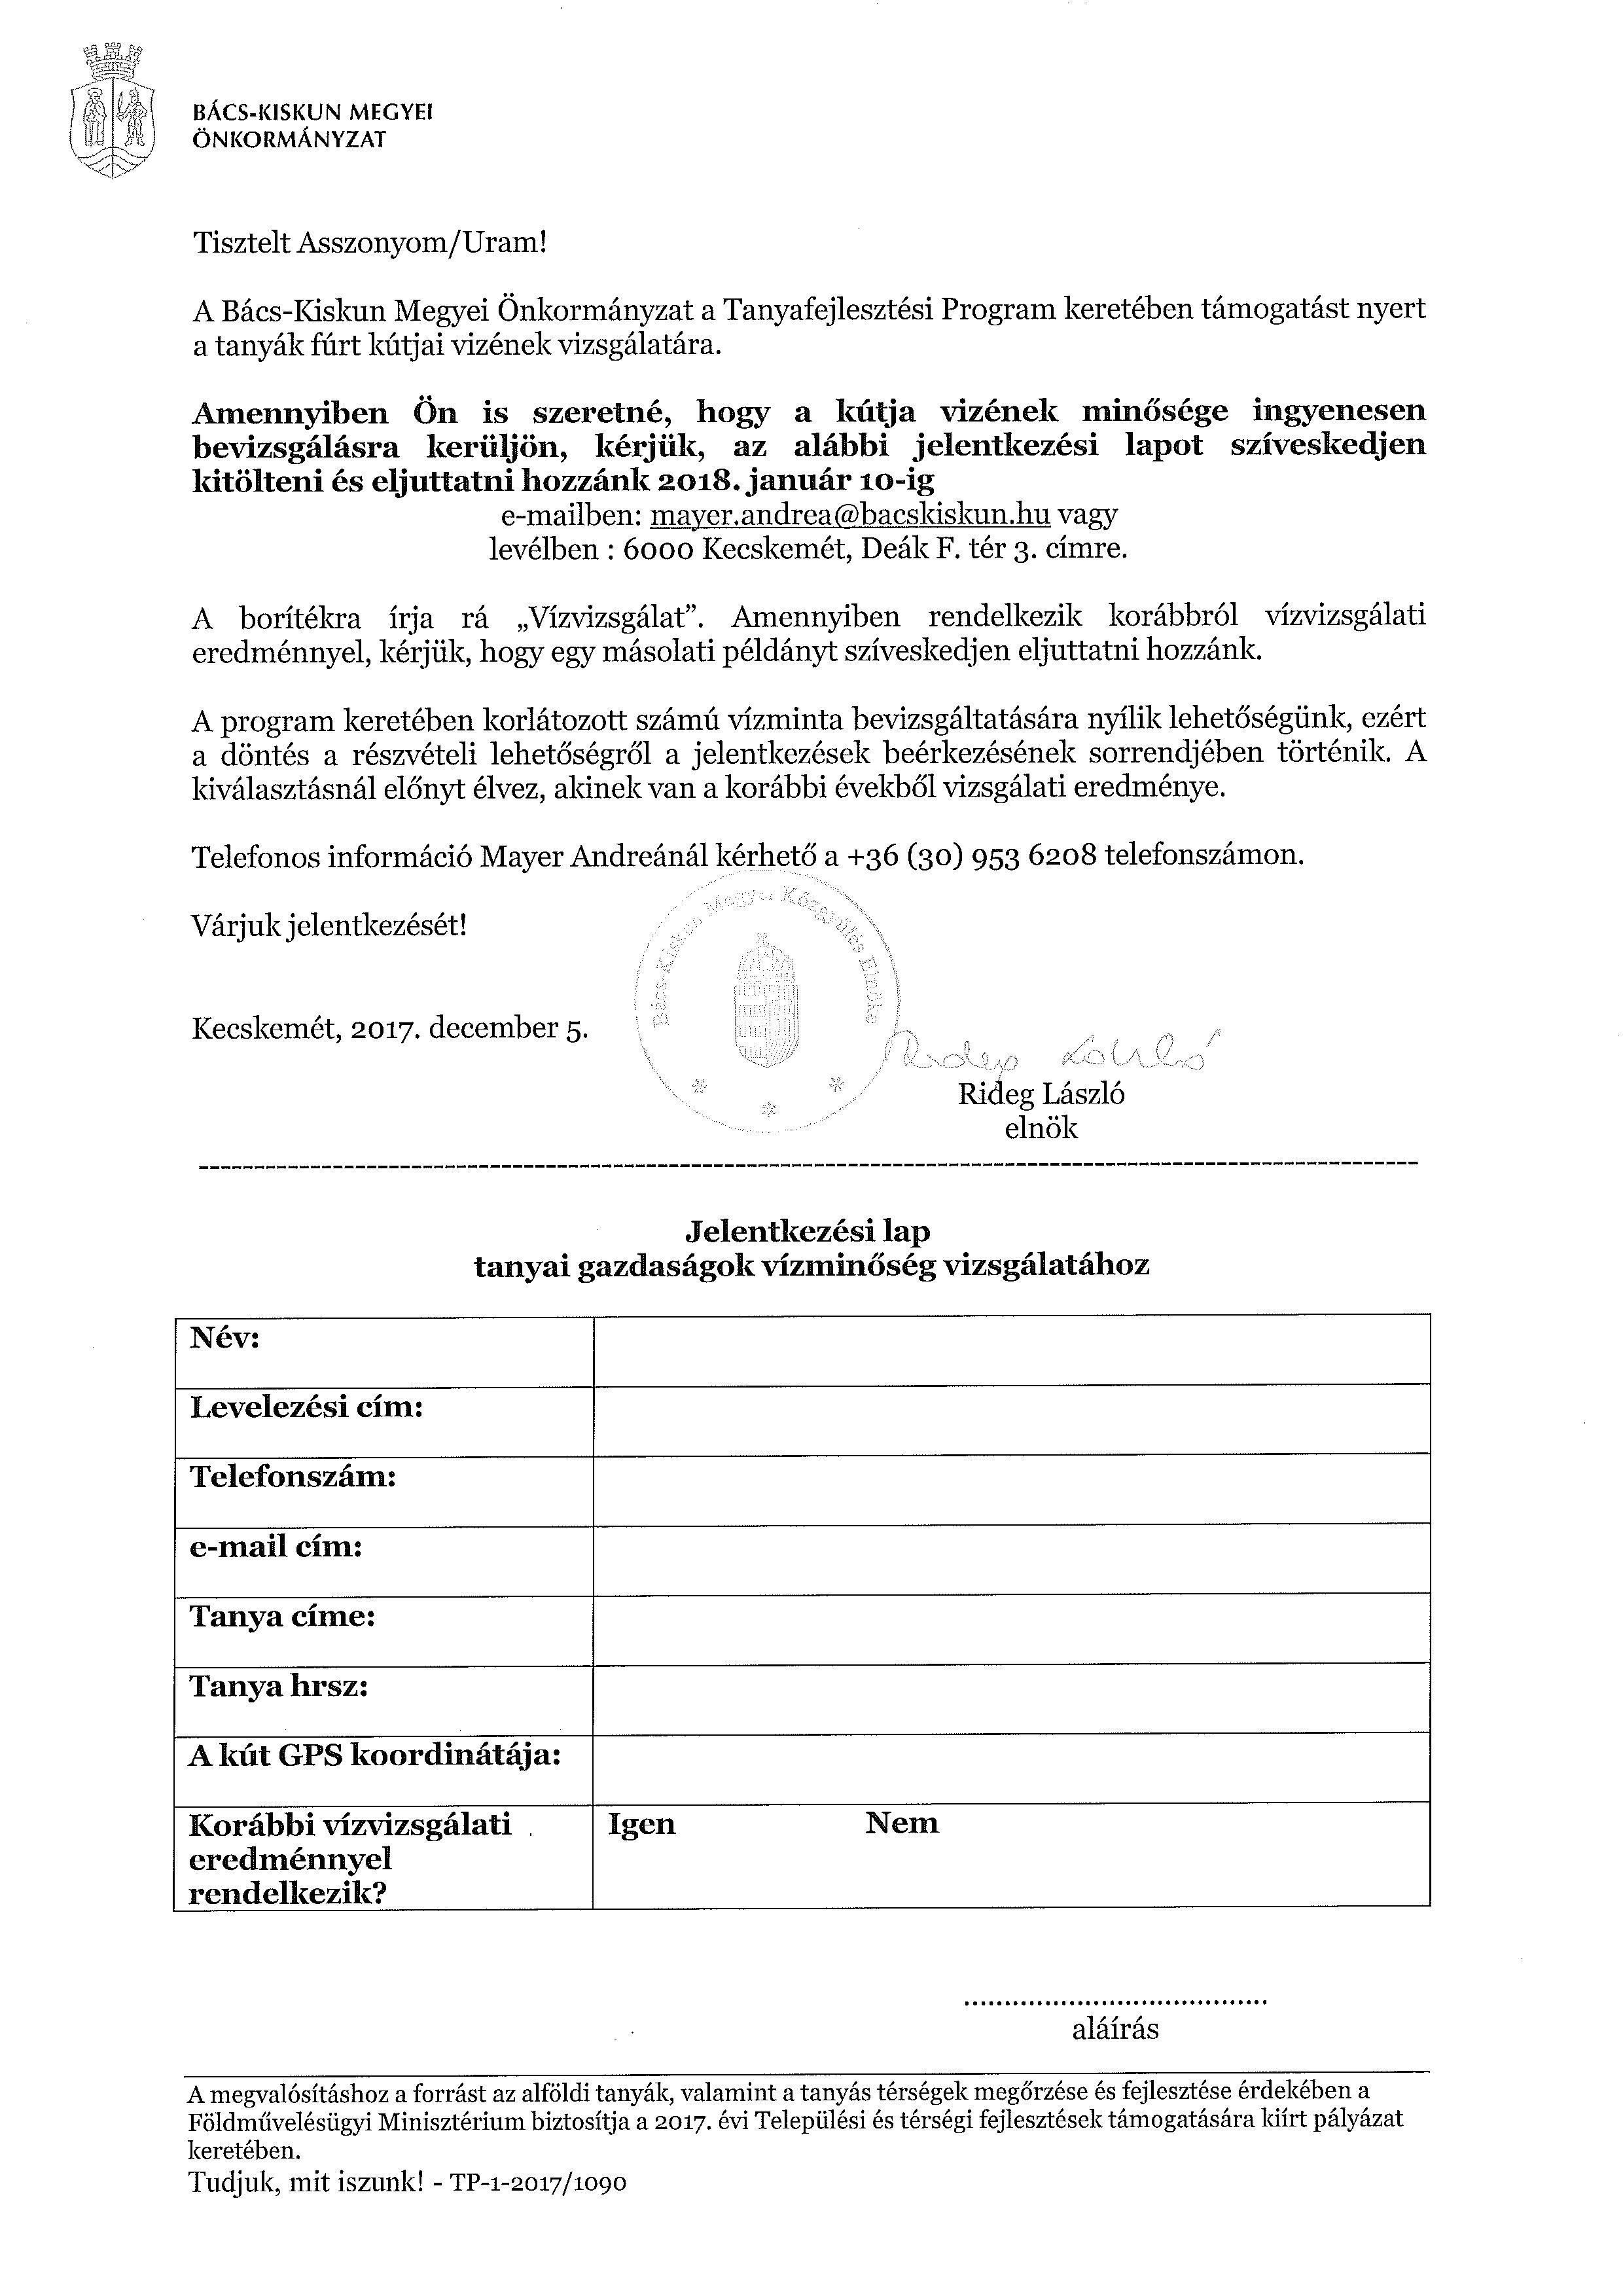 Jelentkezési lap - Tanyavíz vizsgálat-page-001